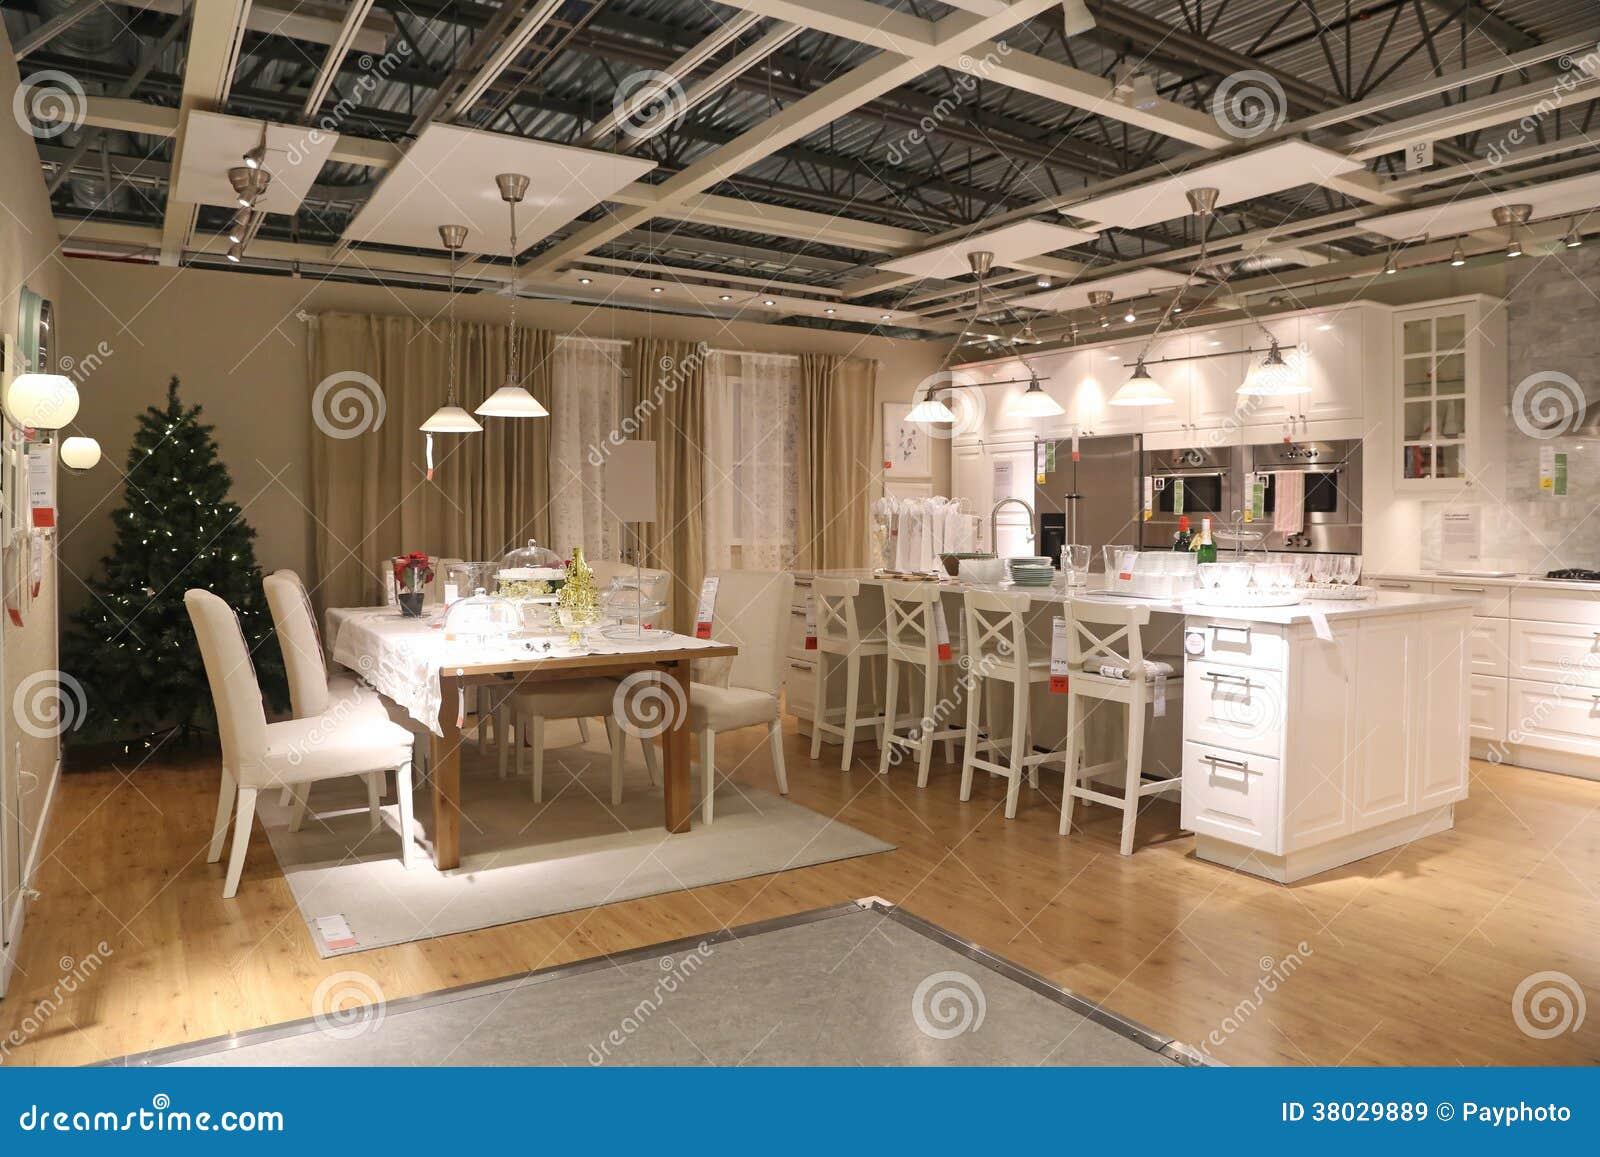 ensemble de meubles d 39 affichage de magasin d 39 ikea coquitlam image stock ditorial image du. Black Bedroom Furniture Sets. Home Design Ideas